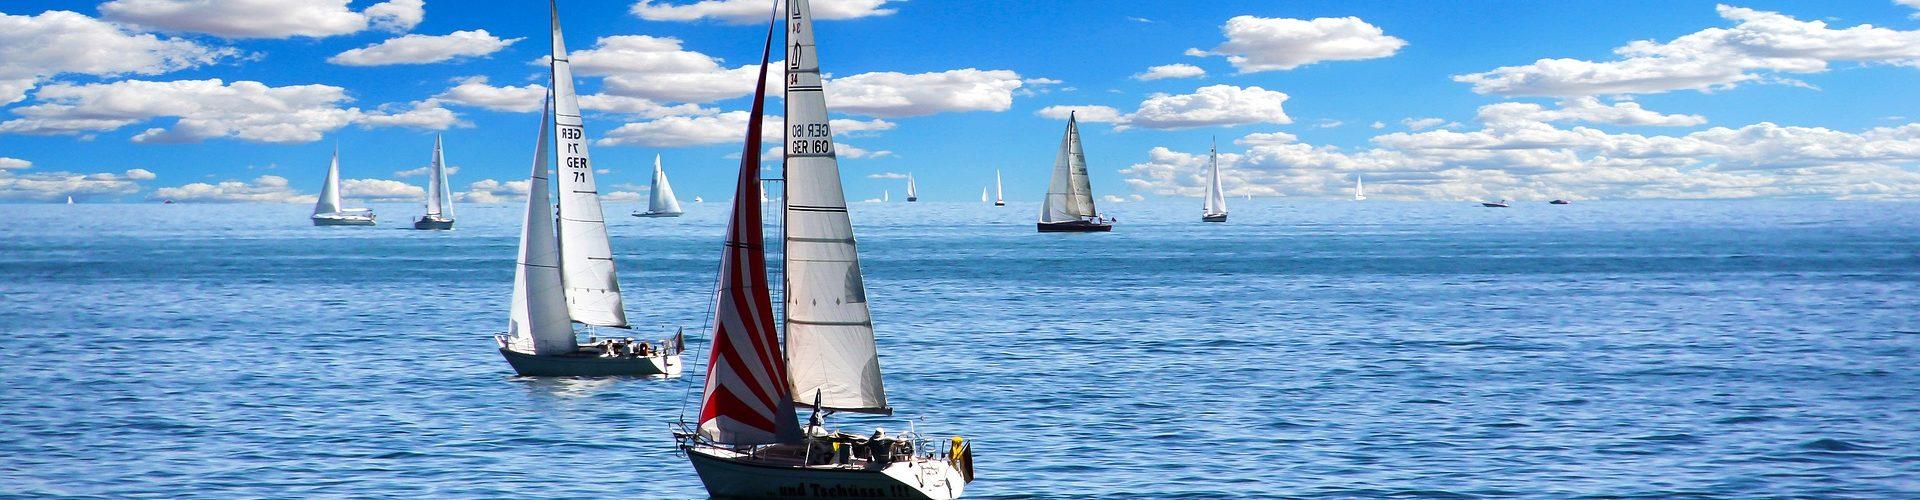 segeln lernen in Happurg segelschein machen in Happurg 1920x500 - Segeln lernen in Happurg